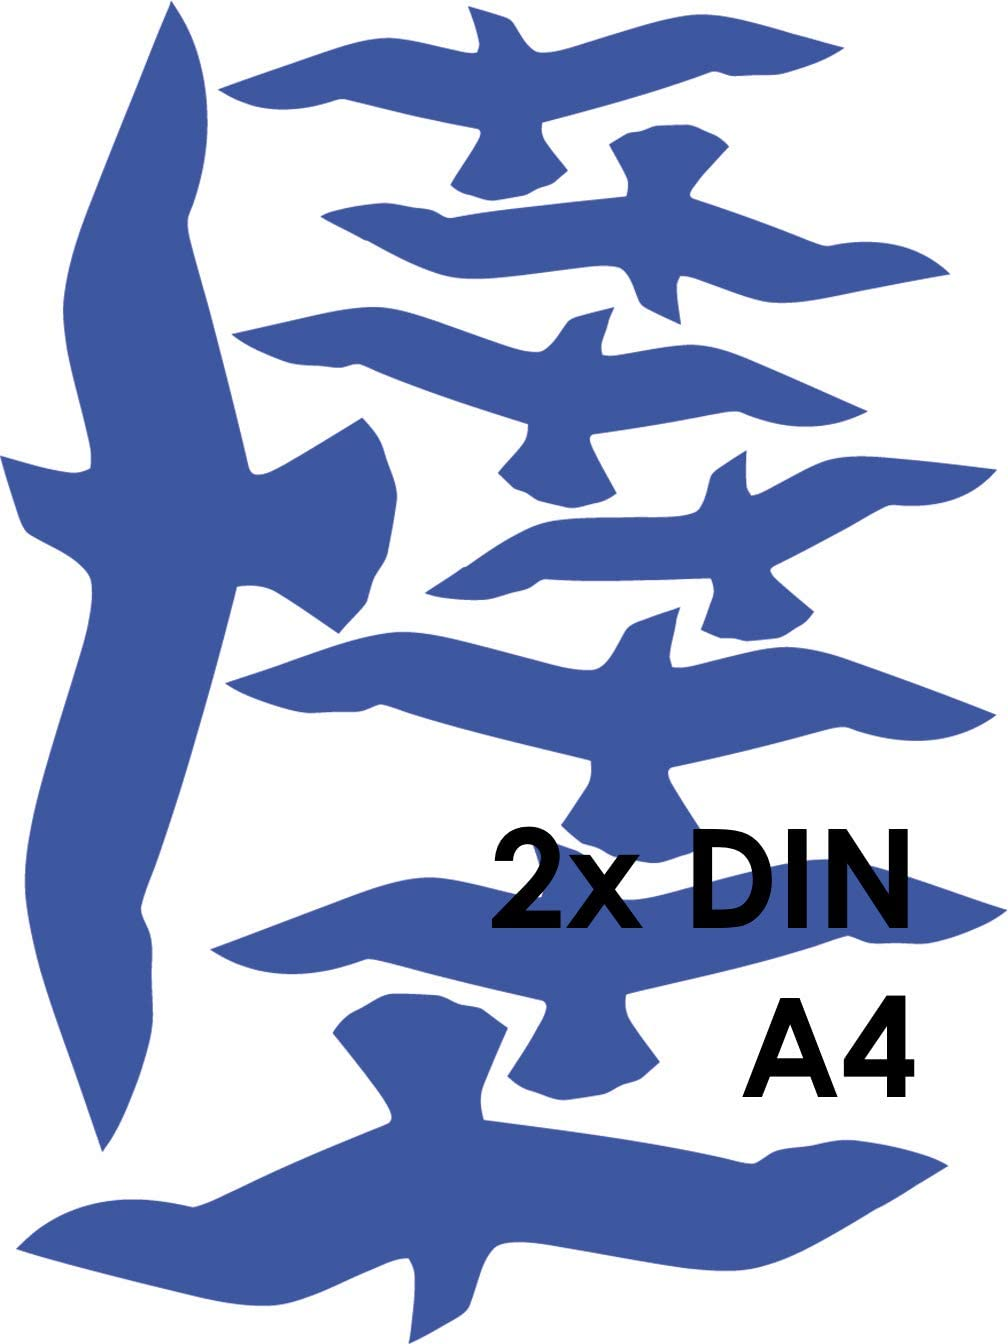 Blau MacDecal.de VOGELSCHUTZ 16 Greifv/ögel Aufkleber Sticker Scheibenschutz SCHLAGSCHUTZ Vogel Silhouette Wintergarten Glashaus